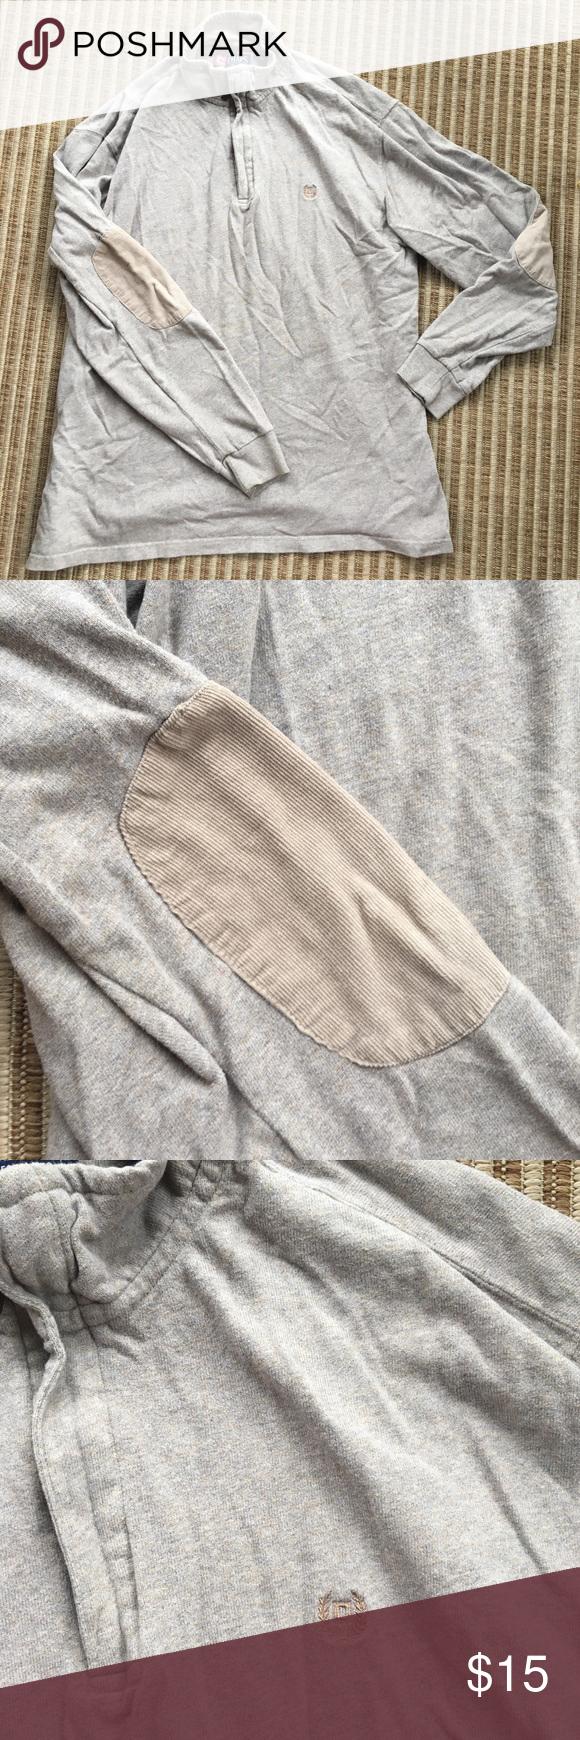 Chaps quarterzip in my posh picks chaps shirts jeans